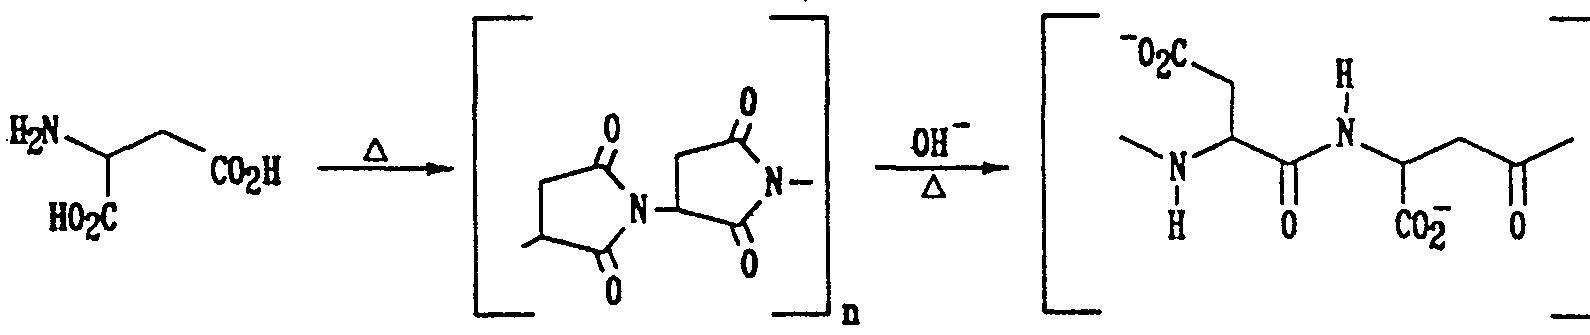 aspartic acid racemization dating divas